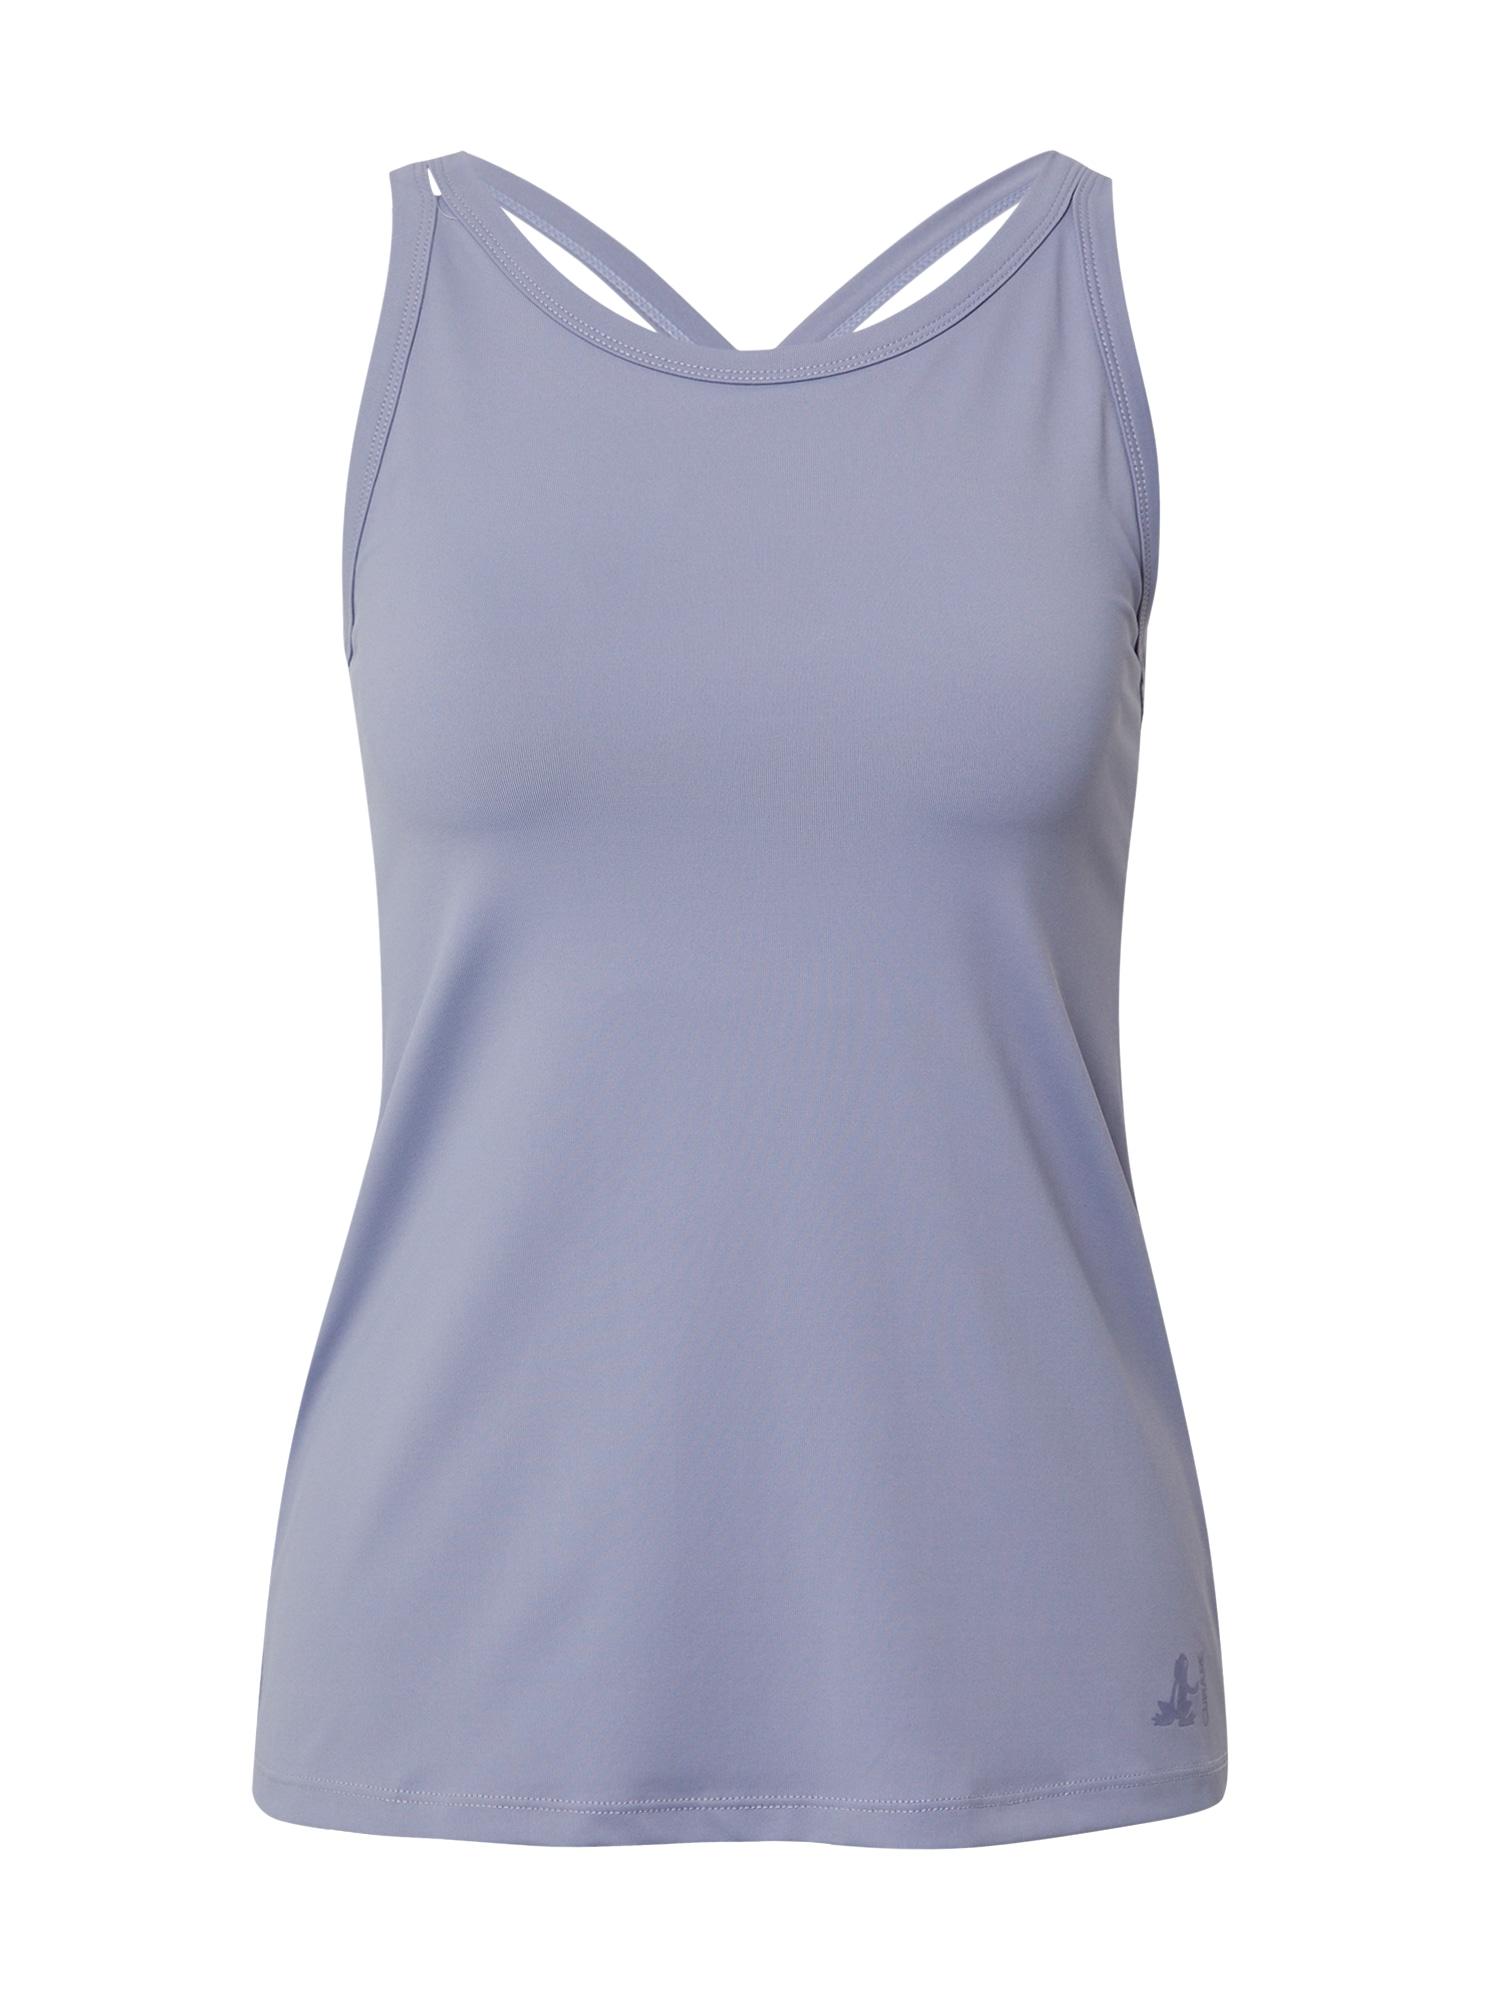 CURARE Yogawear Sportiniai marškinėliai be rankovių šviesiai violetinė